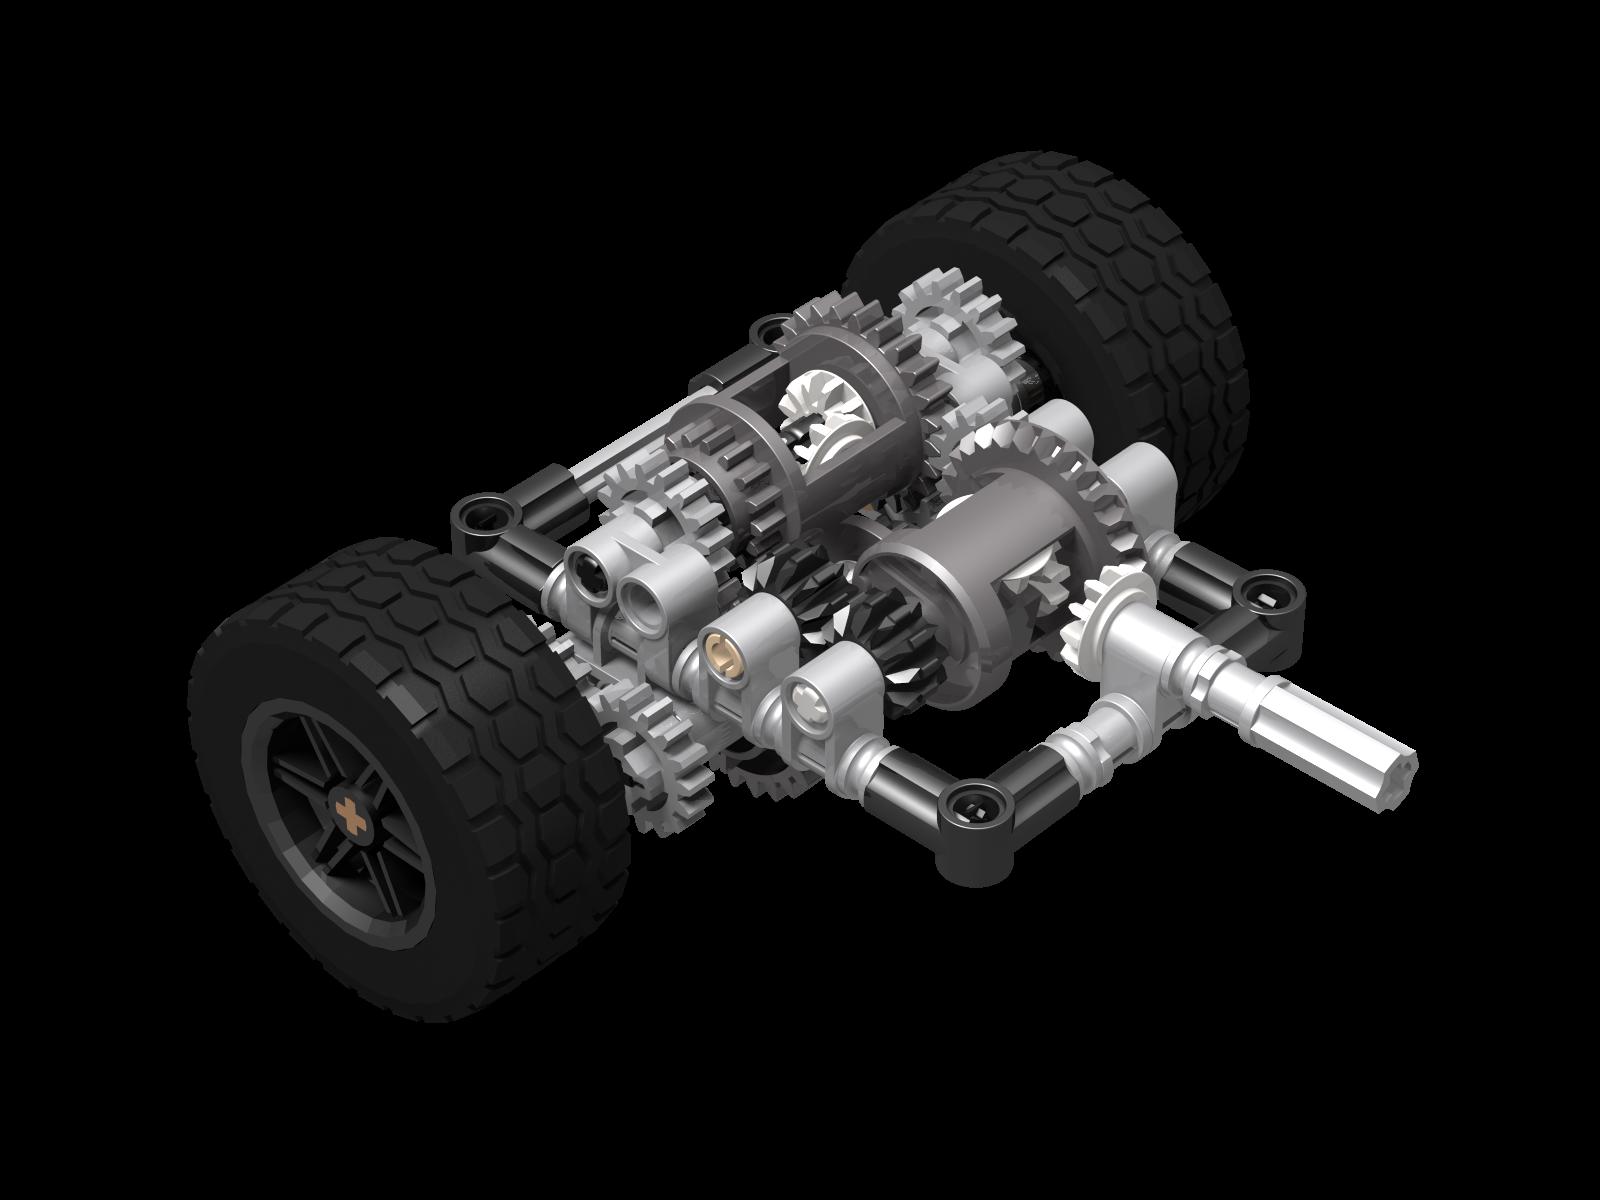 Lego Limited Slip Differential System Mochub